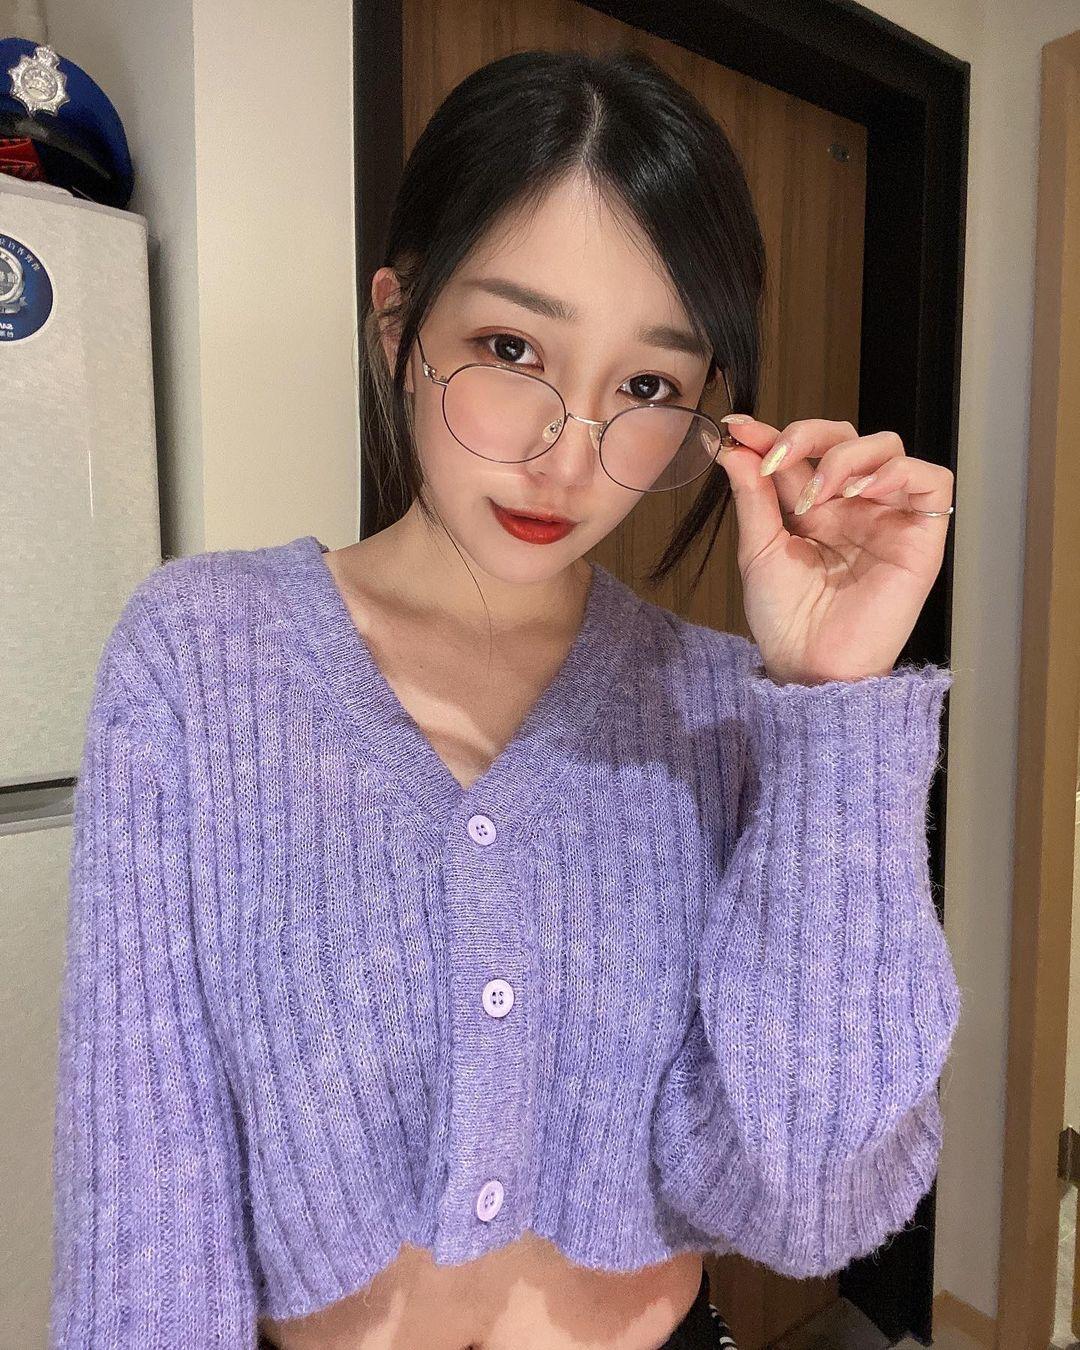 暗黑系女孩劉萱 魅惑的眼神 像中毒一樣一直想看下去 - 美女圖 -